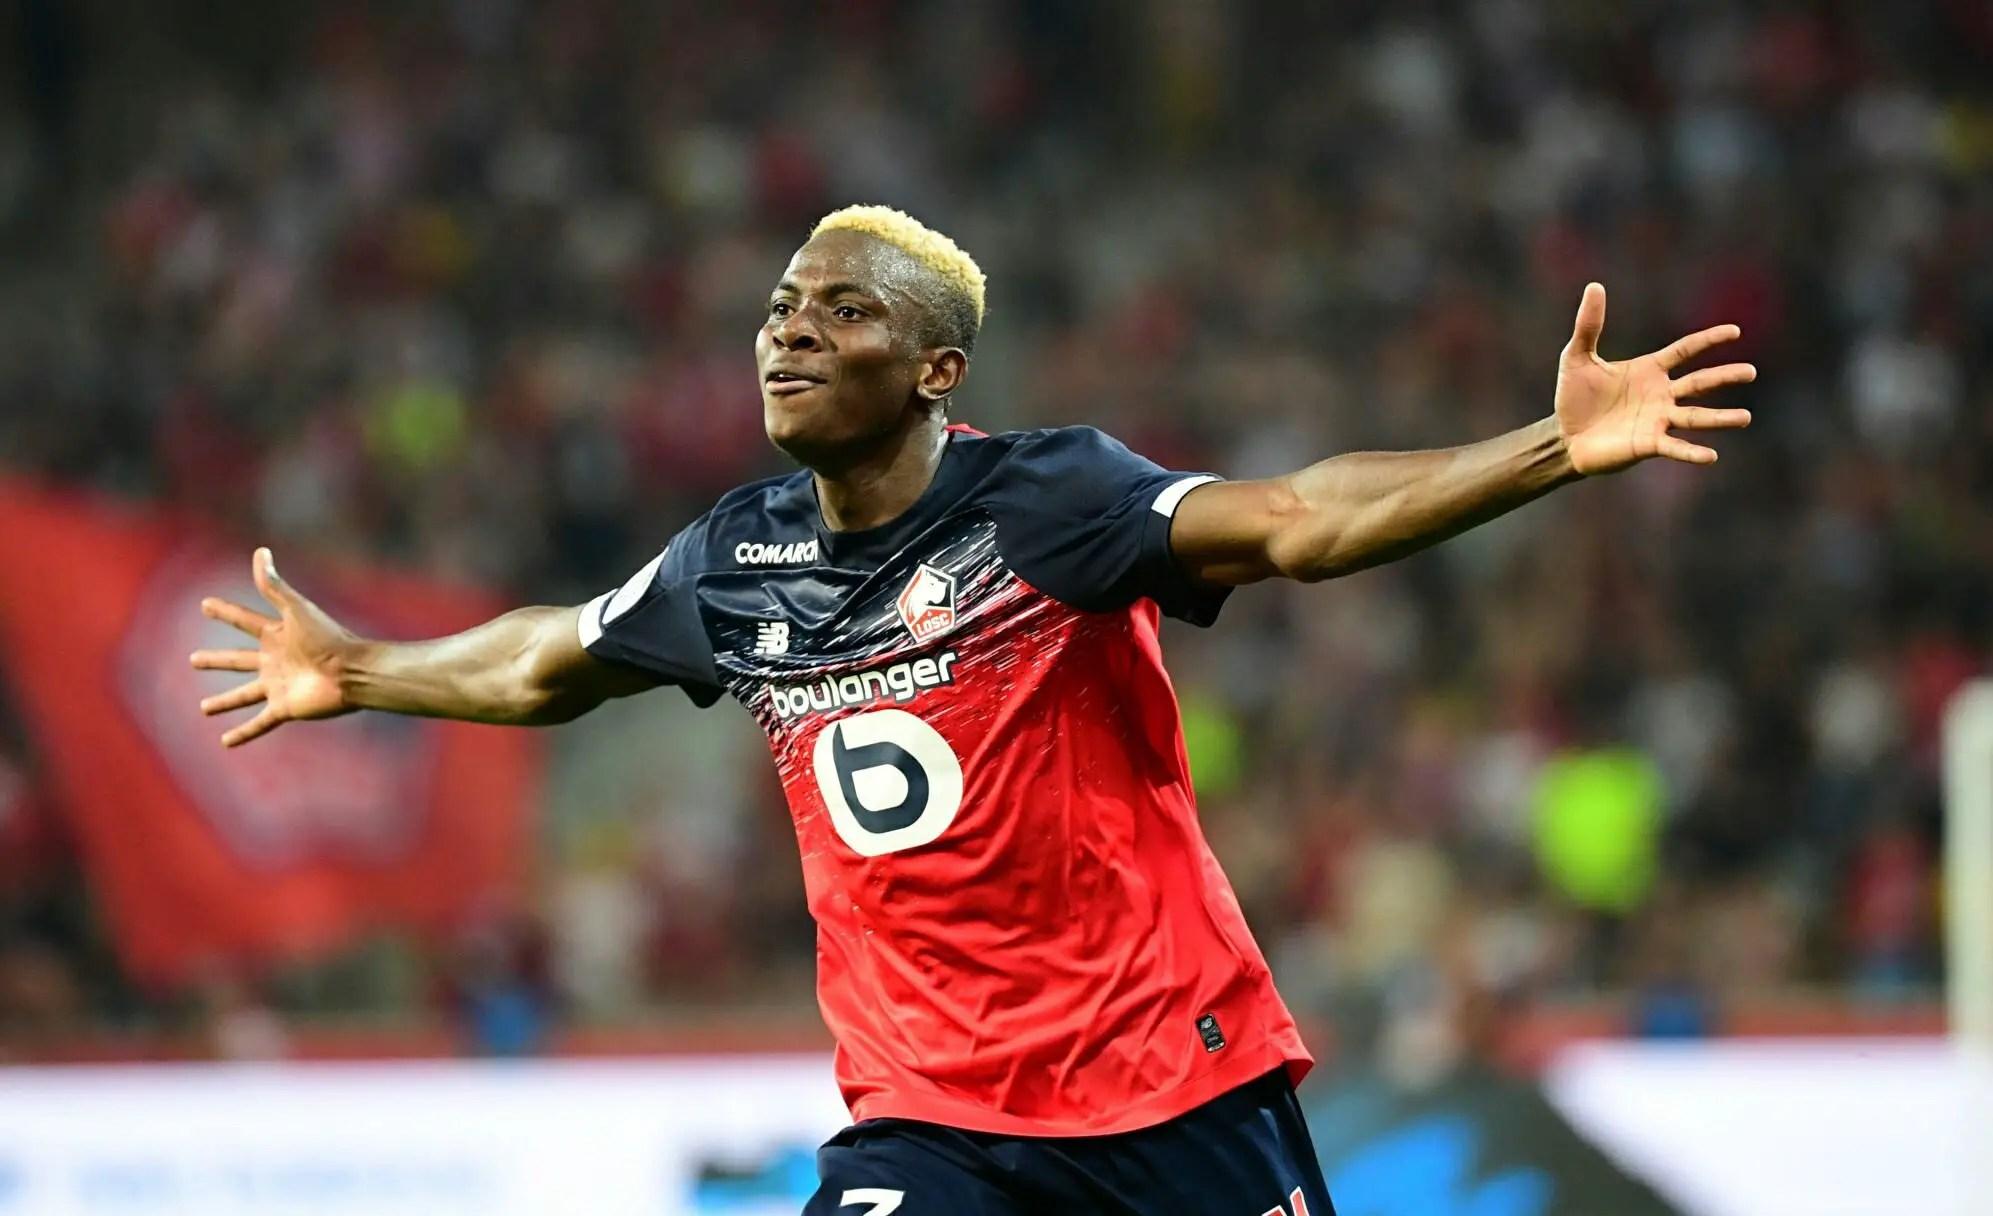 Osimhen Emerges Fourth Best Scorer In Ligue 1